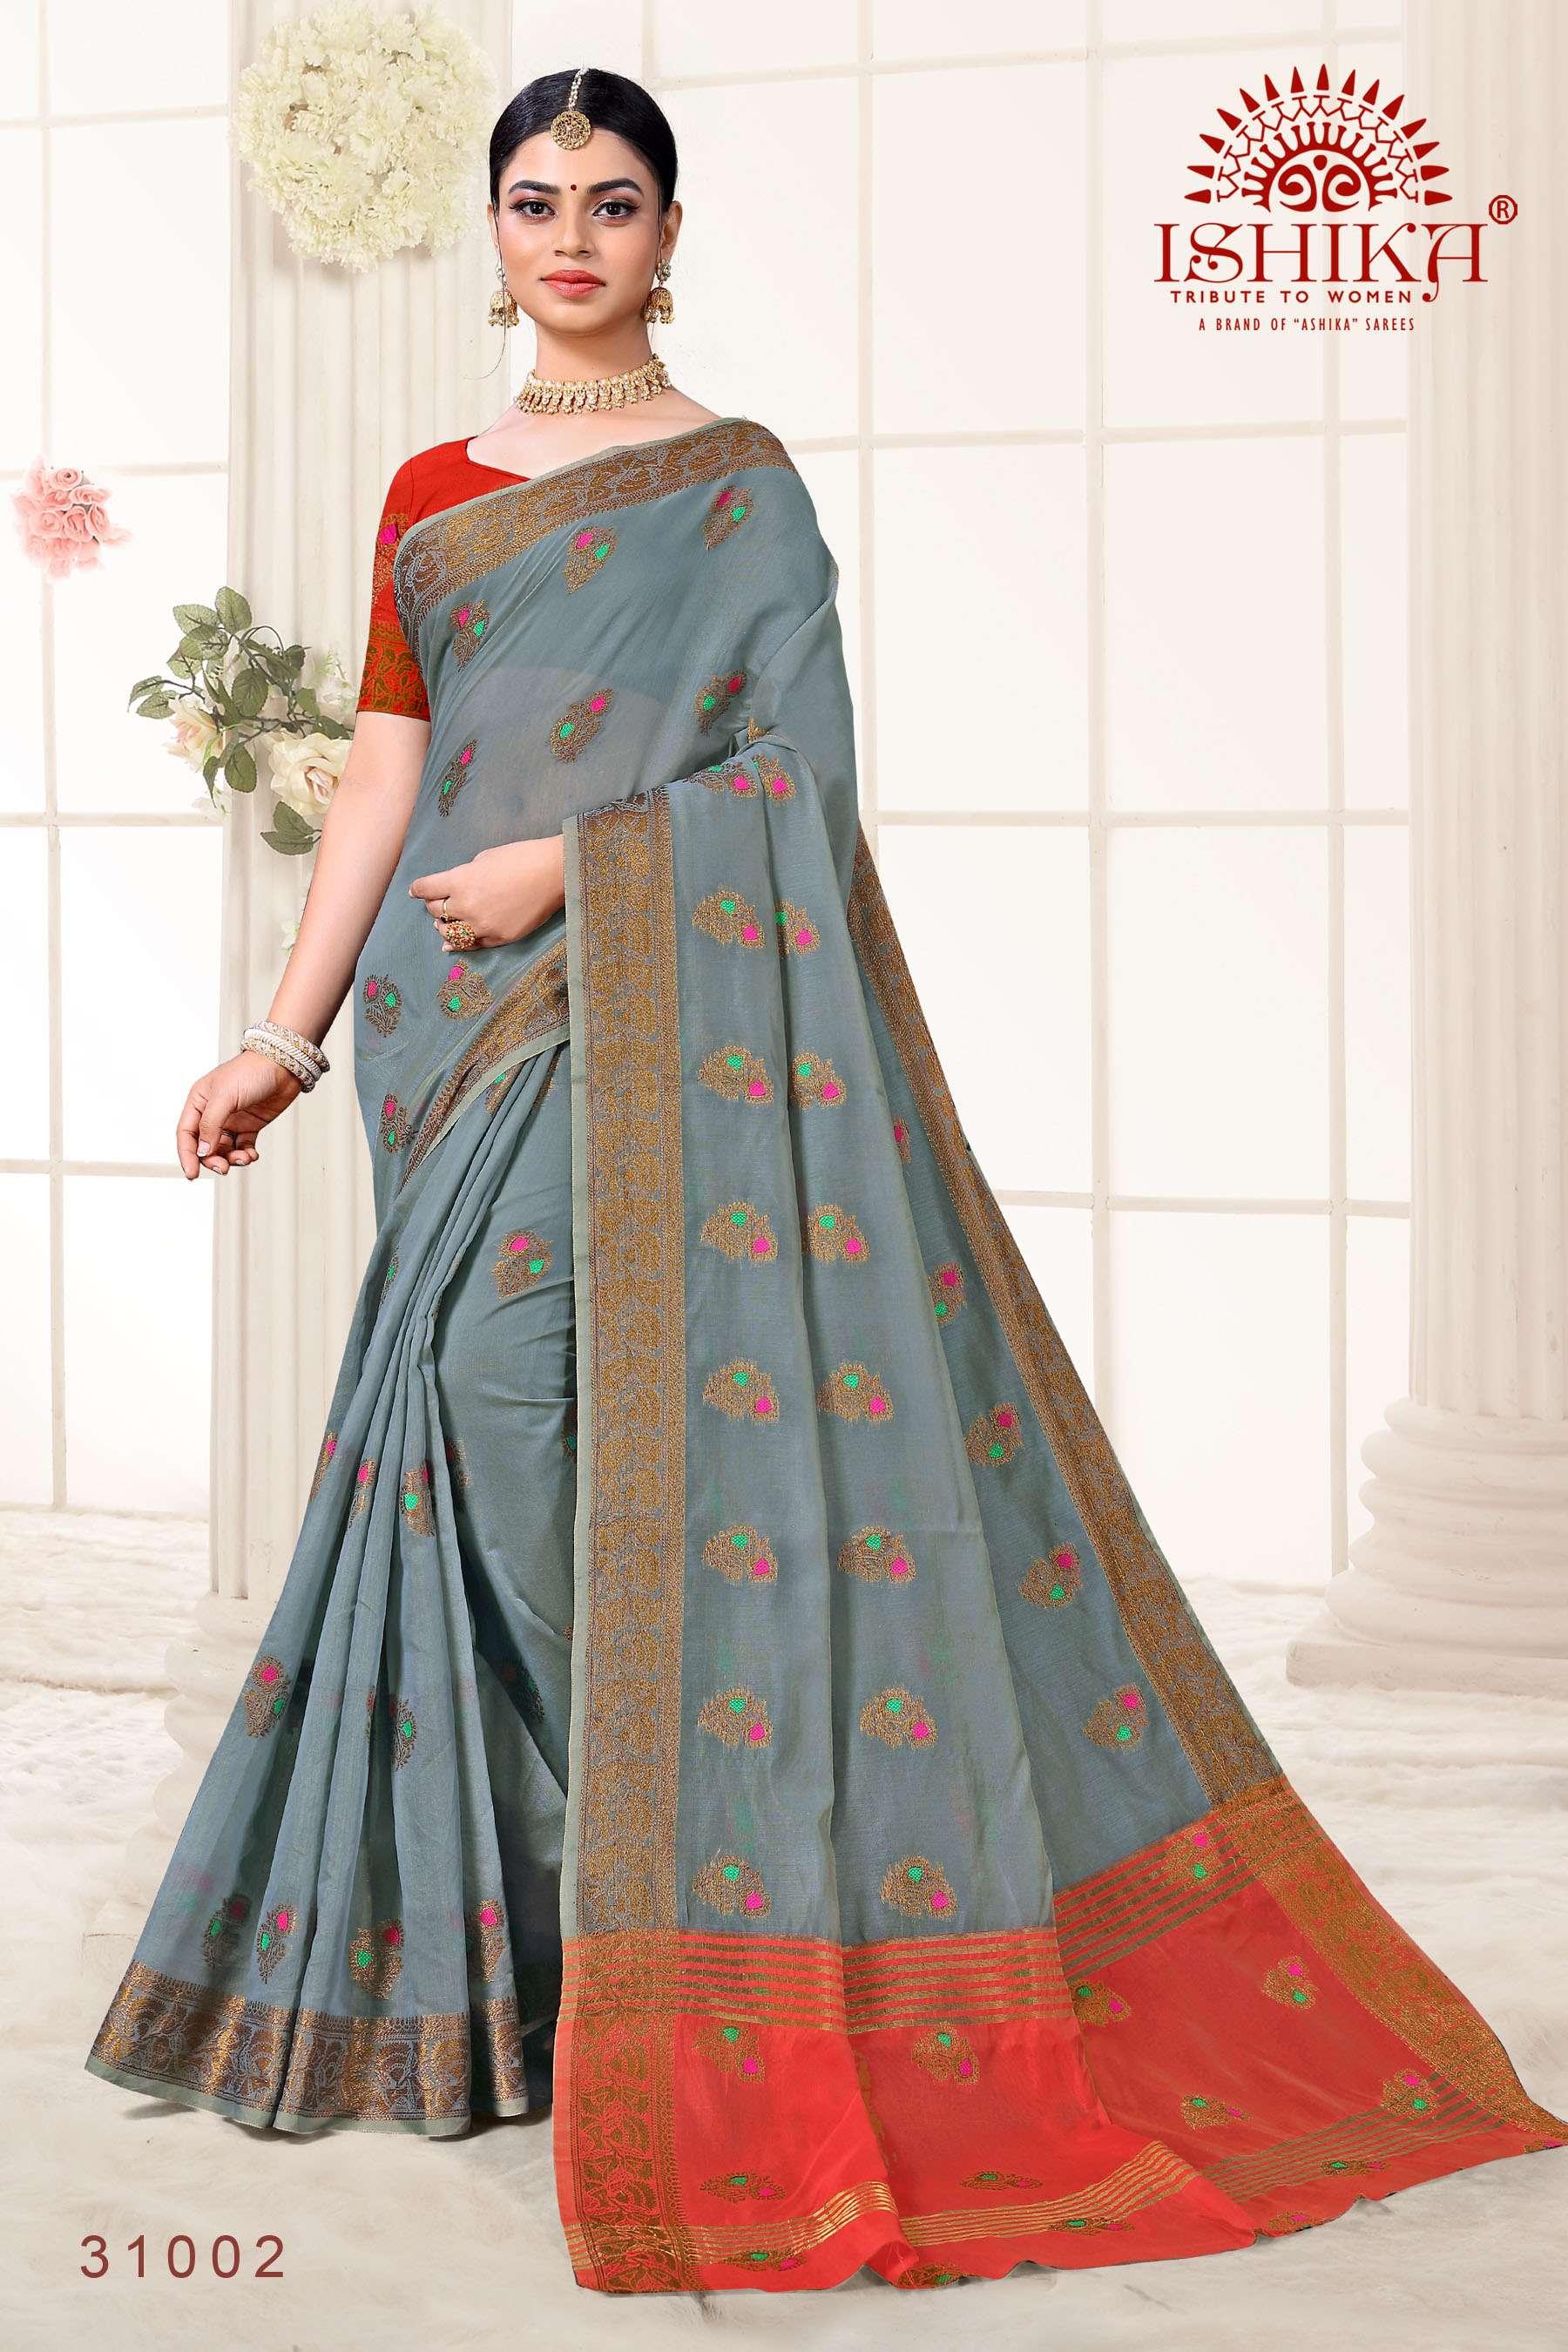 Ishika Sarees Kumkum Series 31001-31008 Cotton Silk Saree